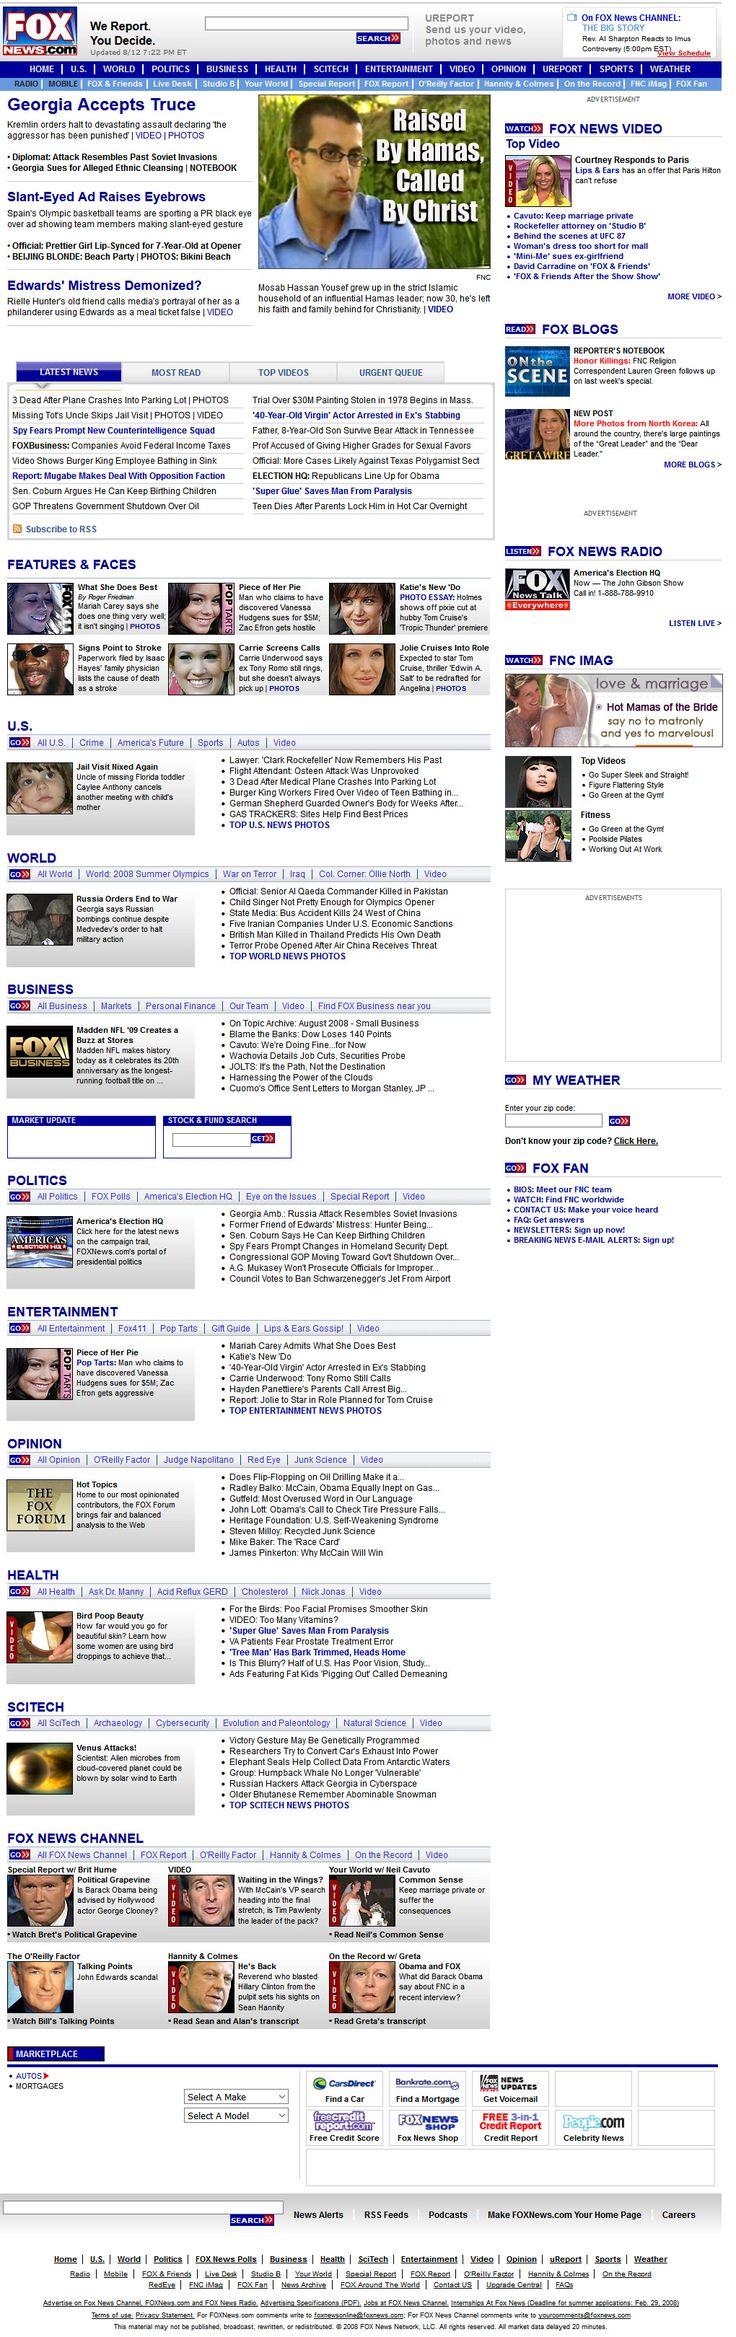 Fox News Channel website in 2008